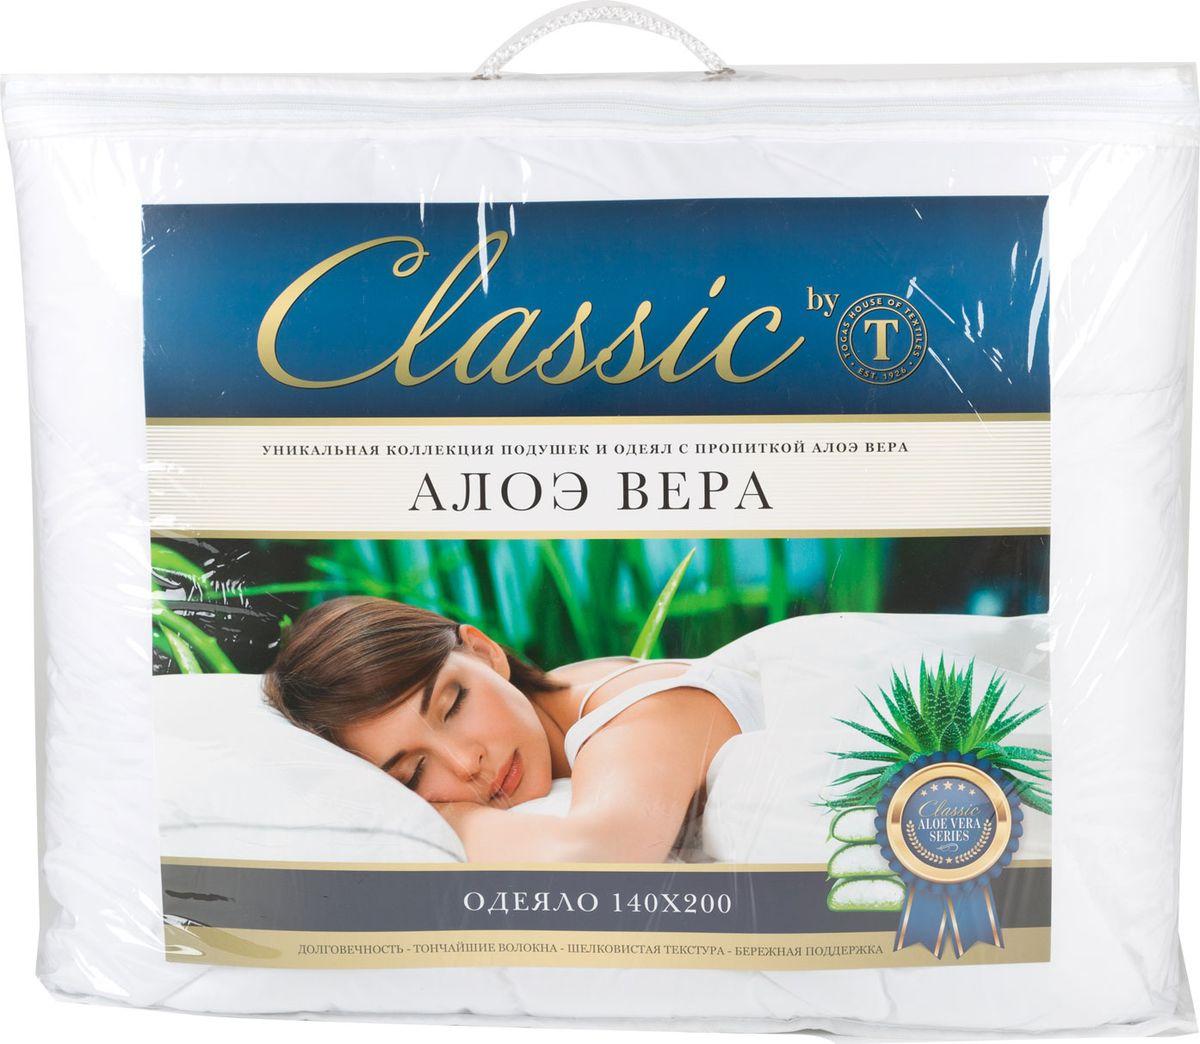 Одеяло Classic by Togas Алоэ вера, наполнитель: лебяжий пух, 200 х 210 см42.441Одеяло Classic by Togas Алоэ вера поможет расслабиться, снимет усталость и подарит вам спокойный и здоровый сон.Одеяло с наполнителем из лебяжьего пуха необычайно легкое, пышное, обладает превосходными теплозащитными свойствами. Такой наполнитель отлично удерживает воздух и тепло, превосходно впитывает влагу и испаряет ее. Это экологически чистый материал с высокими гигиеническими и гипоаллергенными качествами, который к тому же очень практичен. Одеяло с таким наполнителем можно стирать дома, а сохнет оно почти моментально. Чехол одеяла сделан из высокотехнологичной ткани - микрофибры. Она приятна на ощупь и отличается высокой прочностью. Гель алоэ вера, которым пропитаны чехол и наполнитель, обладает уникальными свойствами: оказывает оздоравливающий и тонизирующий эффект, увлажняет кожу, способствует улучшению работы сердца, расслабляет и снимает напряжение в мышцах.